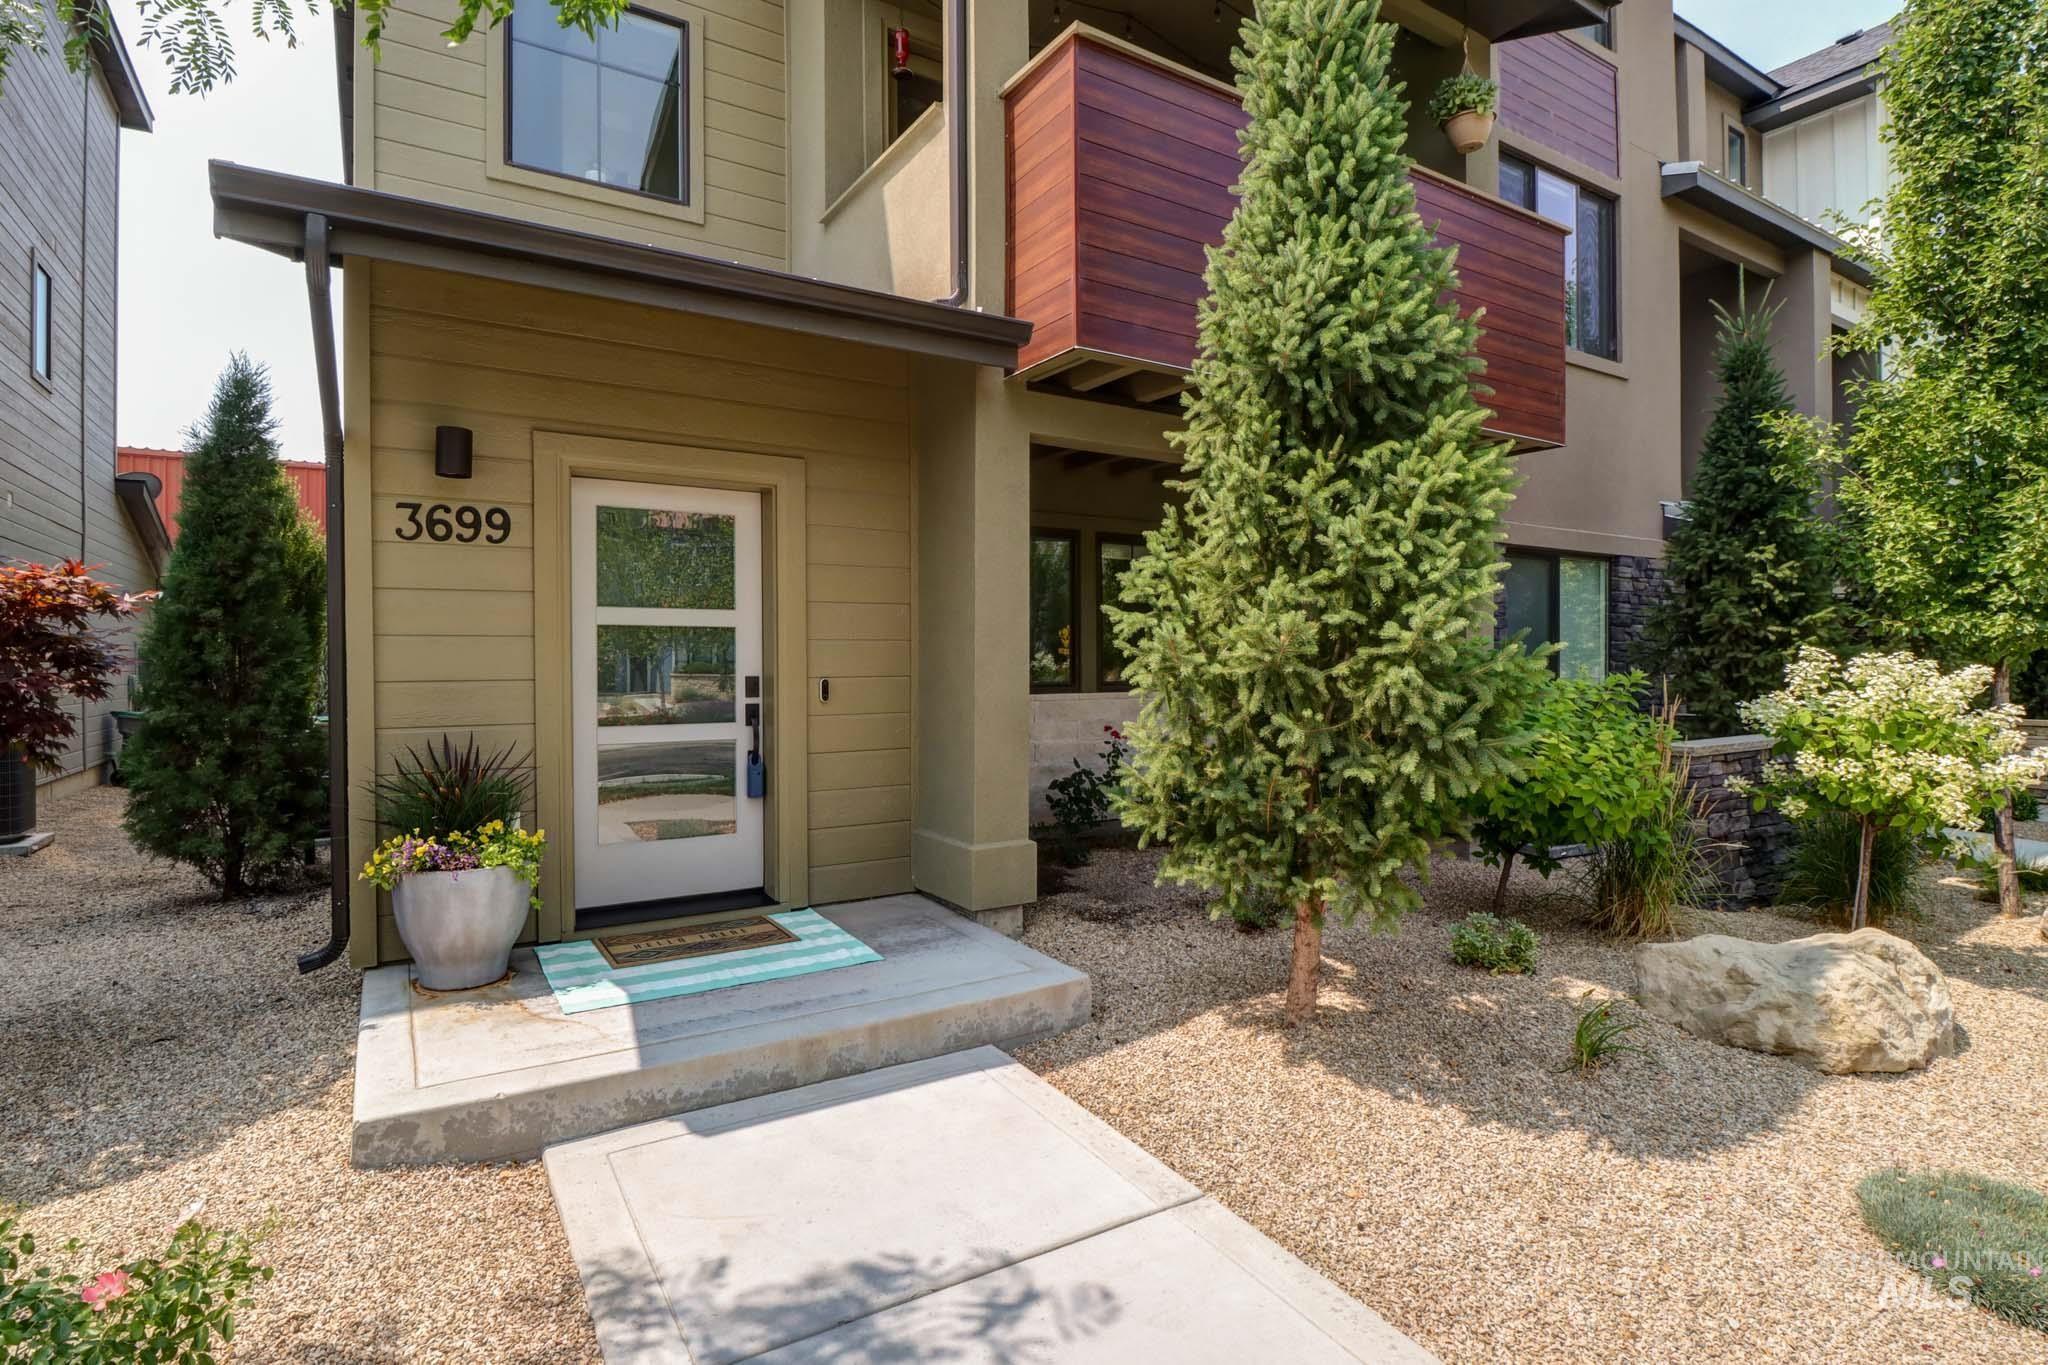 3699 E Parkcenter Blvd. Property Photo